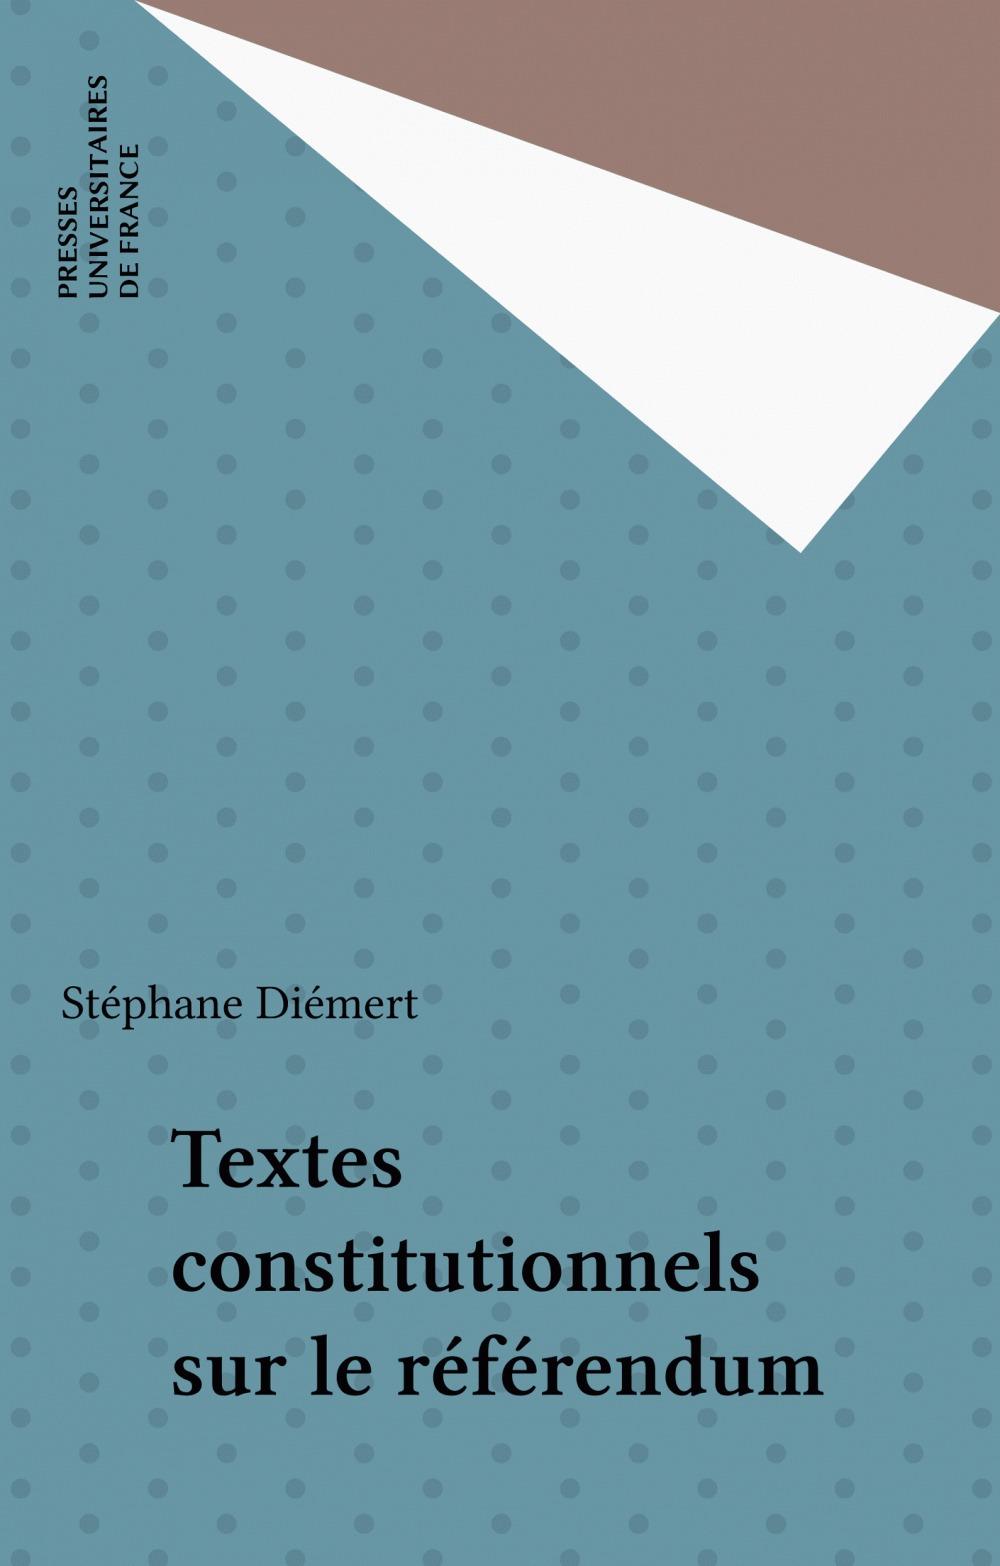 Textes constitutionnels sur le référendum